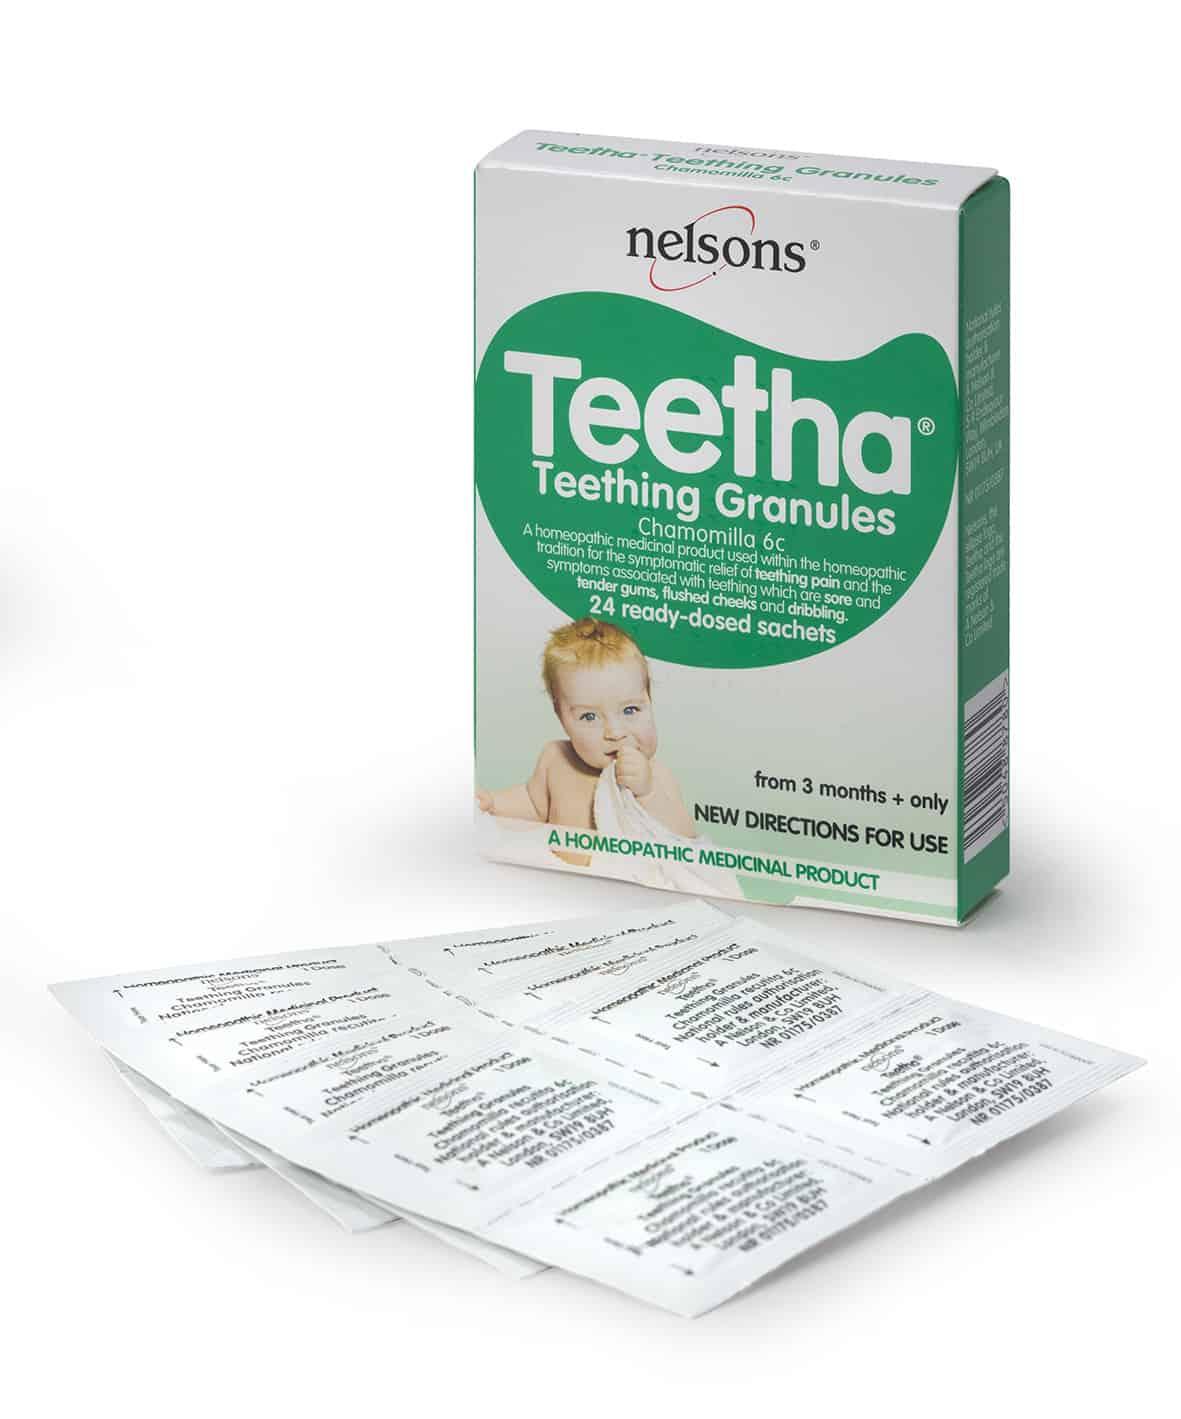 Nelsons Teetha baby teething guide Teetha Teething Granules